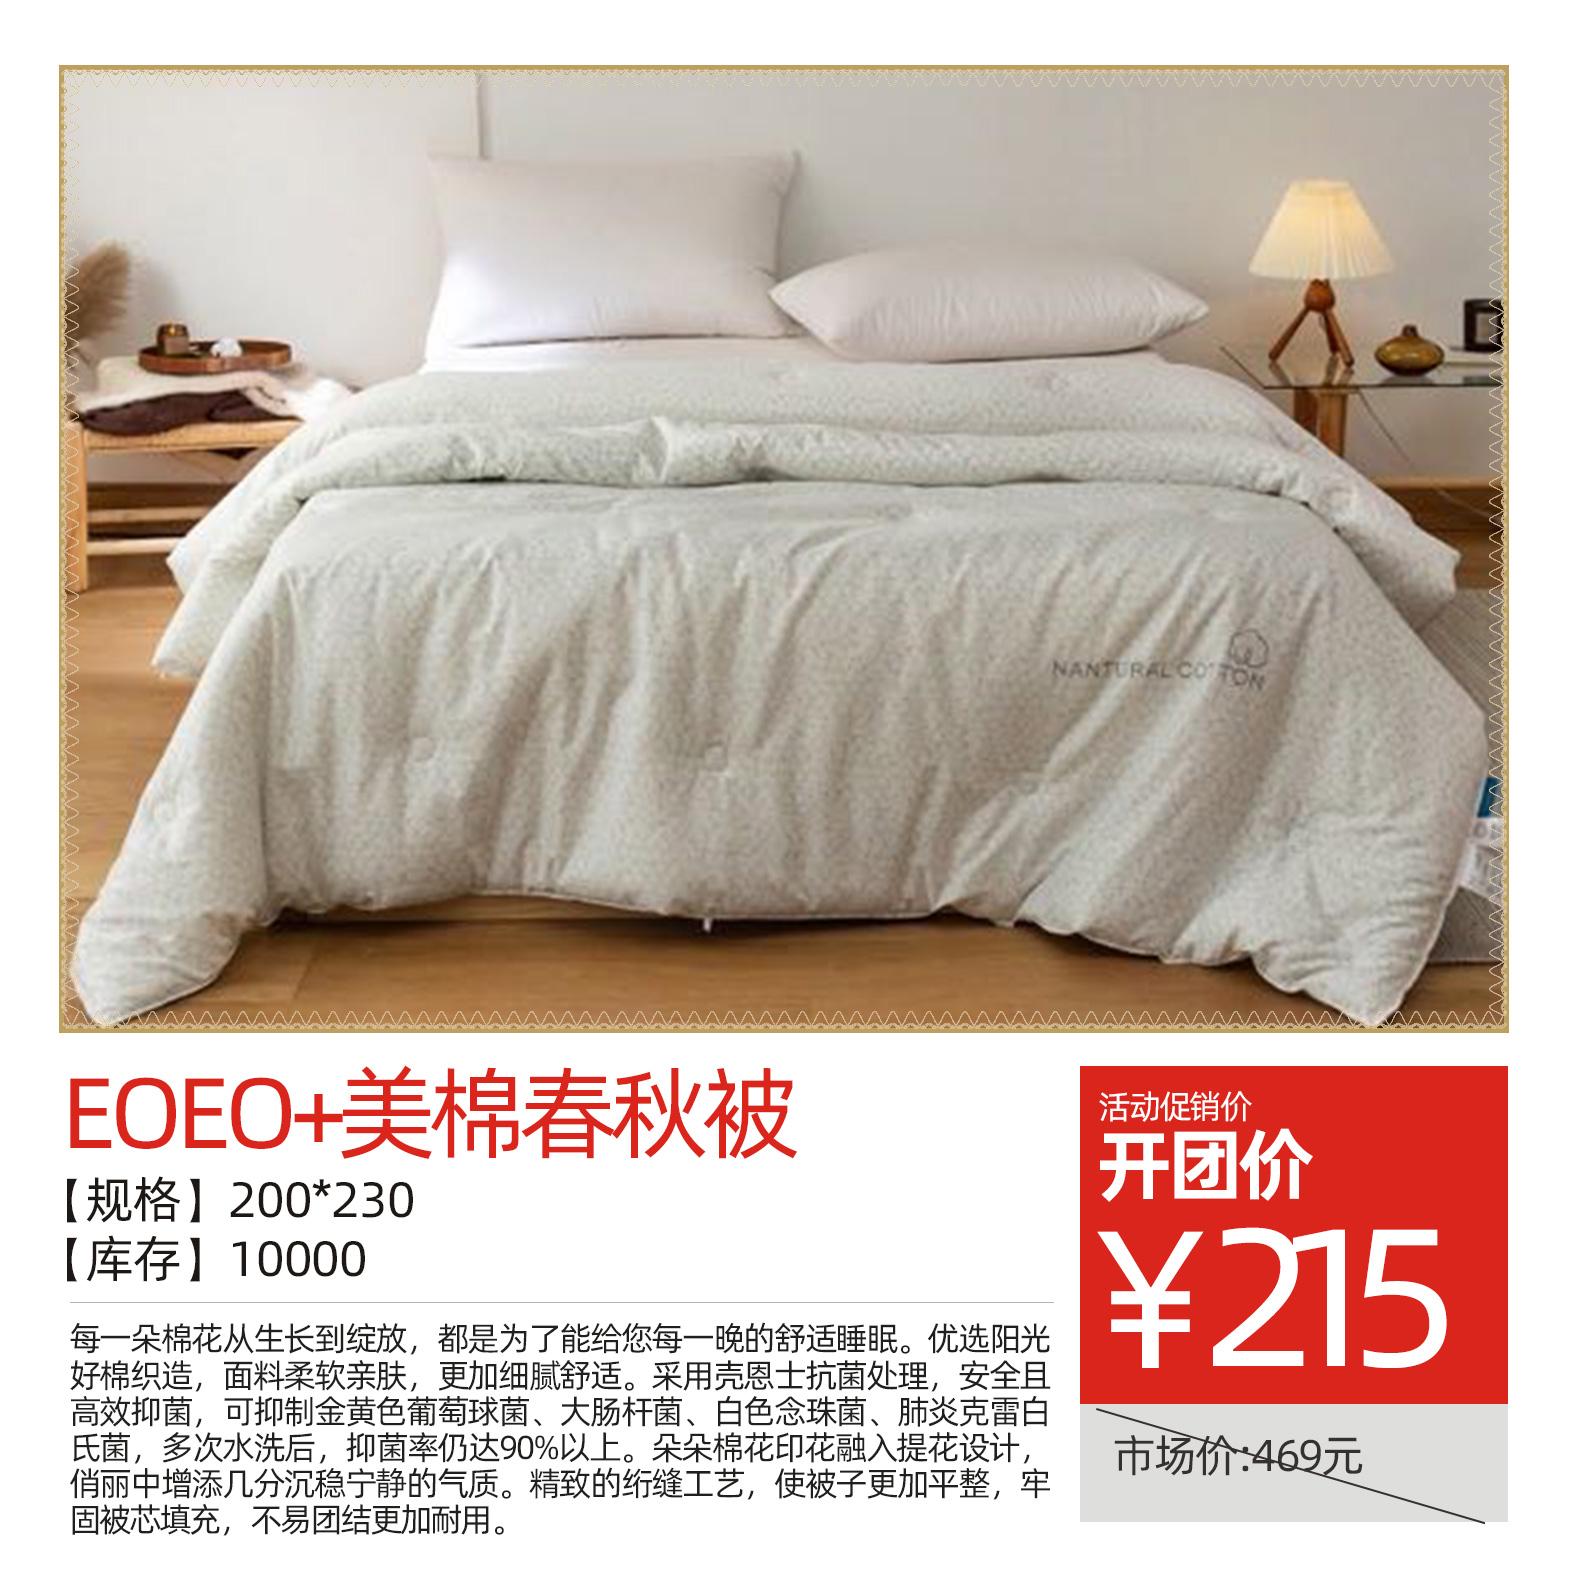 eoeo+美棉春秋被200*230